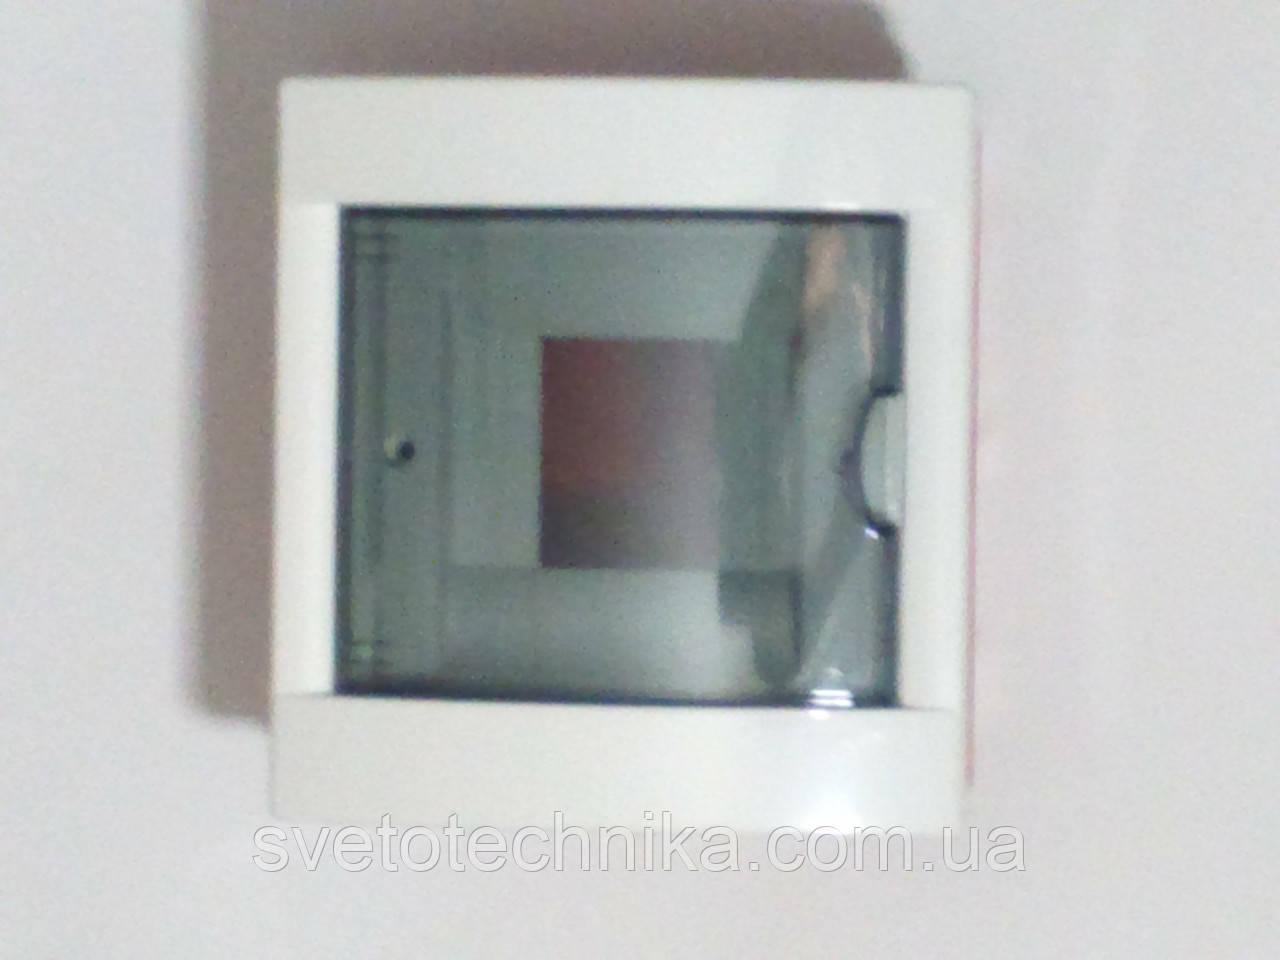 Коробка Vi-Ko Lotus для 4 автоматов (скрытая установка)